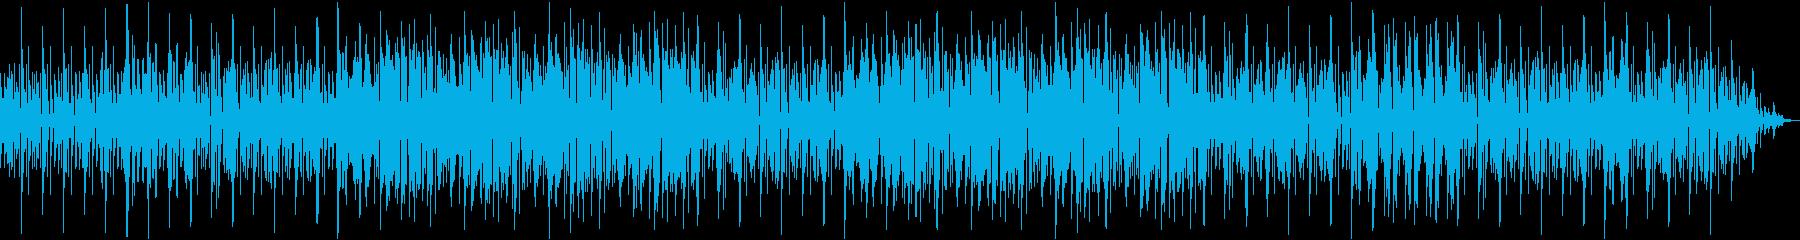 響きにインパクトある独特なメロディーの再生済みの波形